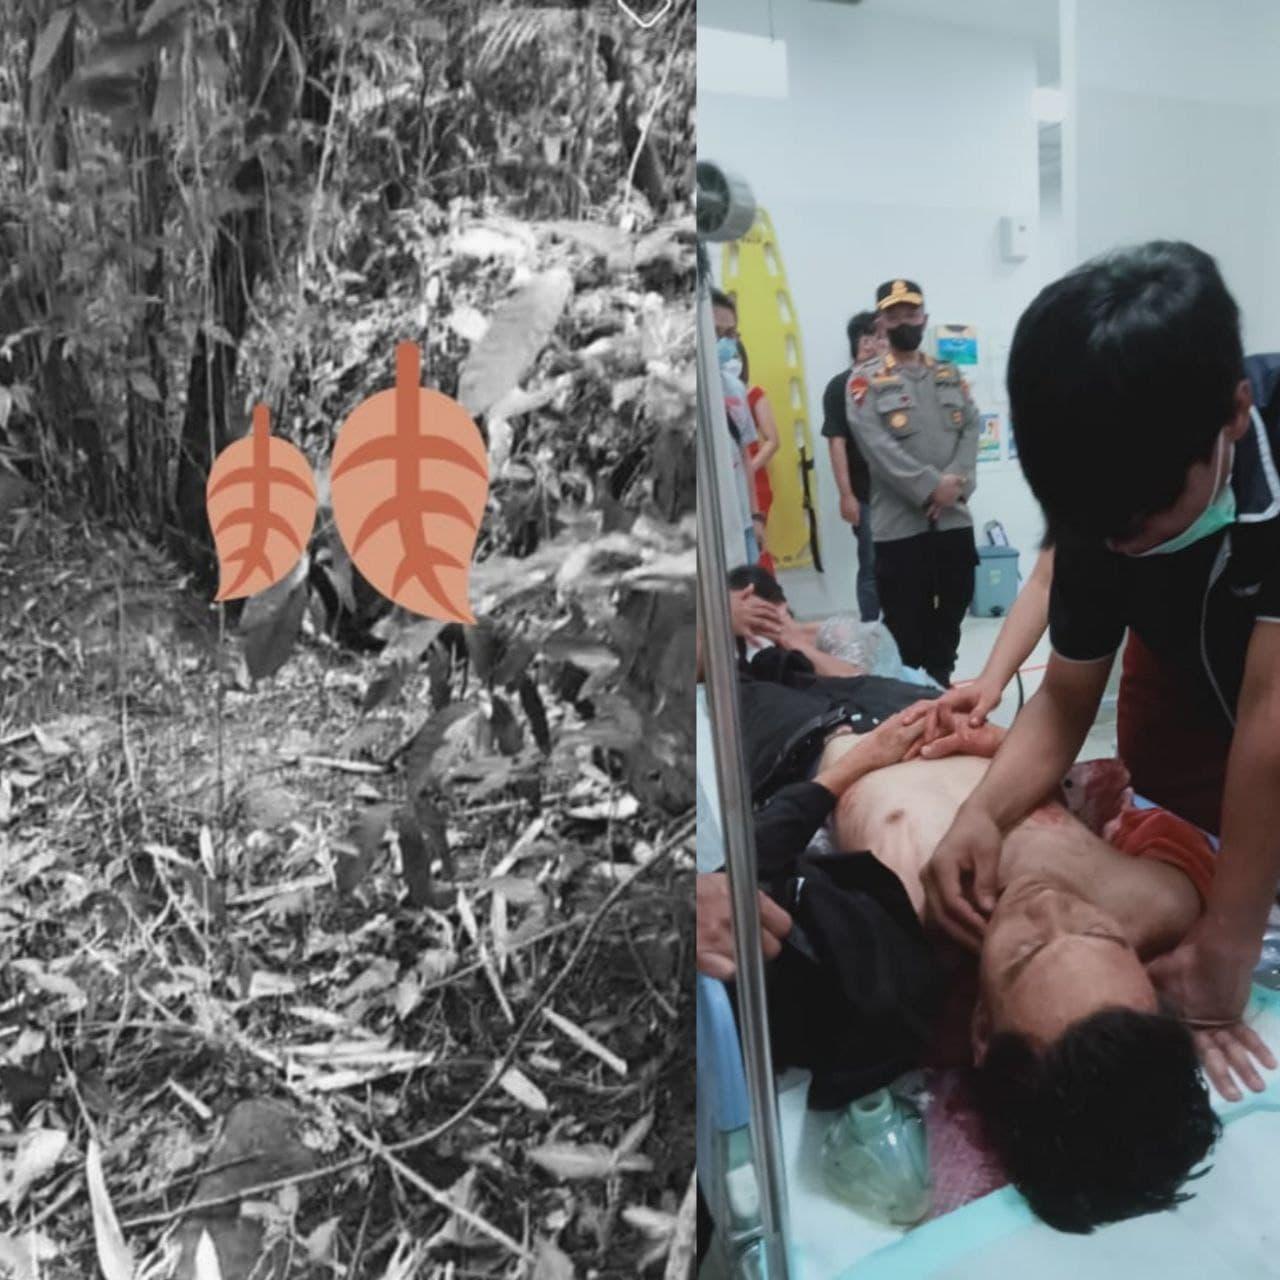 Sehari Diduga 2 Kasus Bunuh Diri Terjadi di Manado dan Minahasa; Ini Tips dari Psikolog